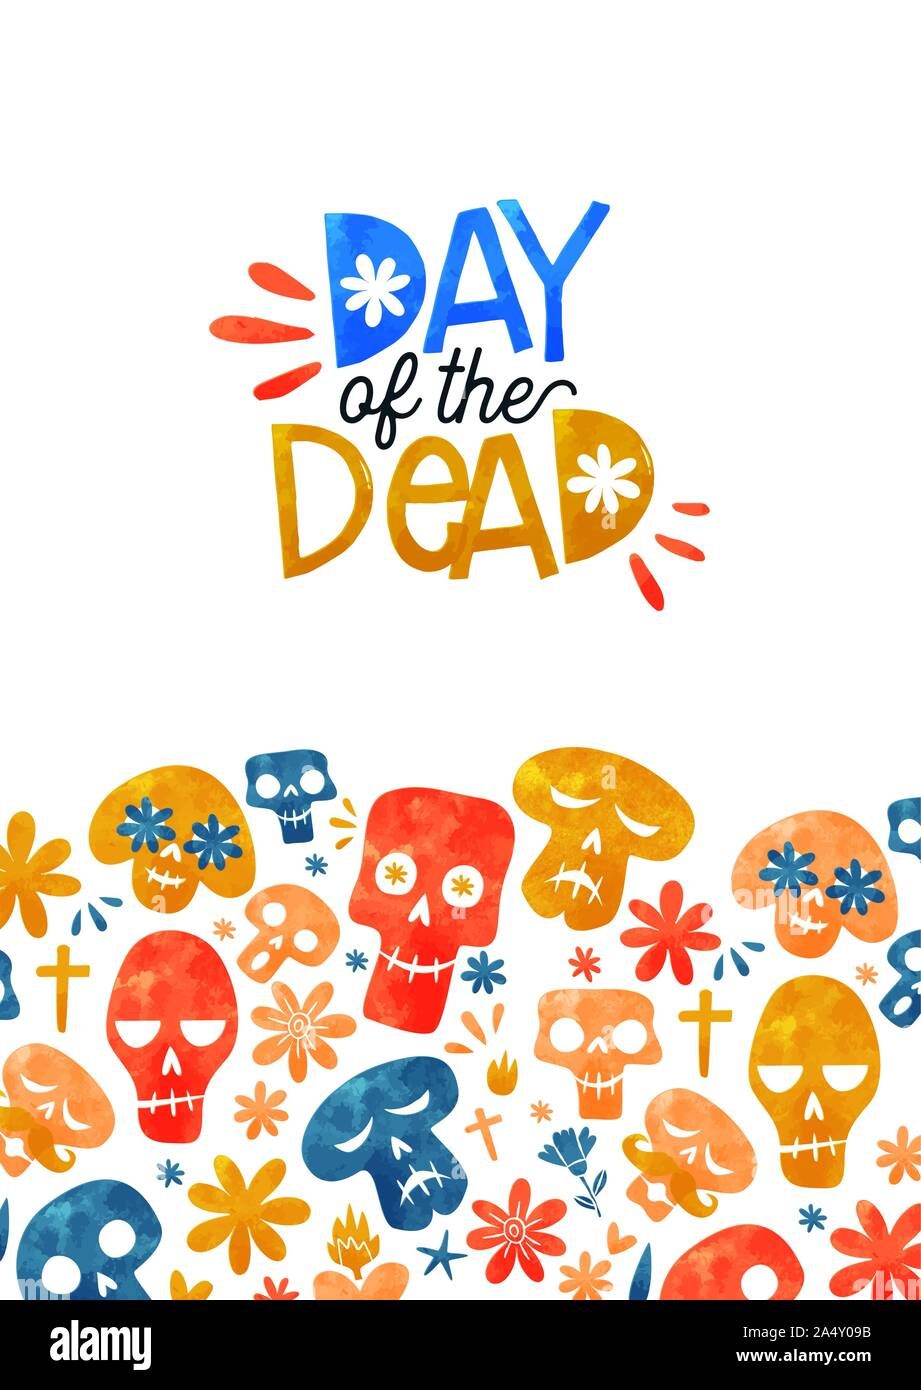 Le Jour des morts l'illustration pour la carte de vœux de l'événement vacances traditionnel mexicain. Funny crâne en sucre et aquarelle décoration florale au Mexique coopération drapeau Illustration de Vecteur